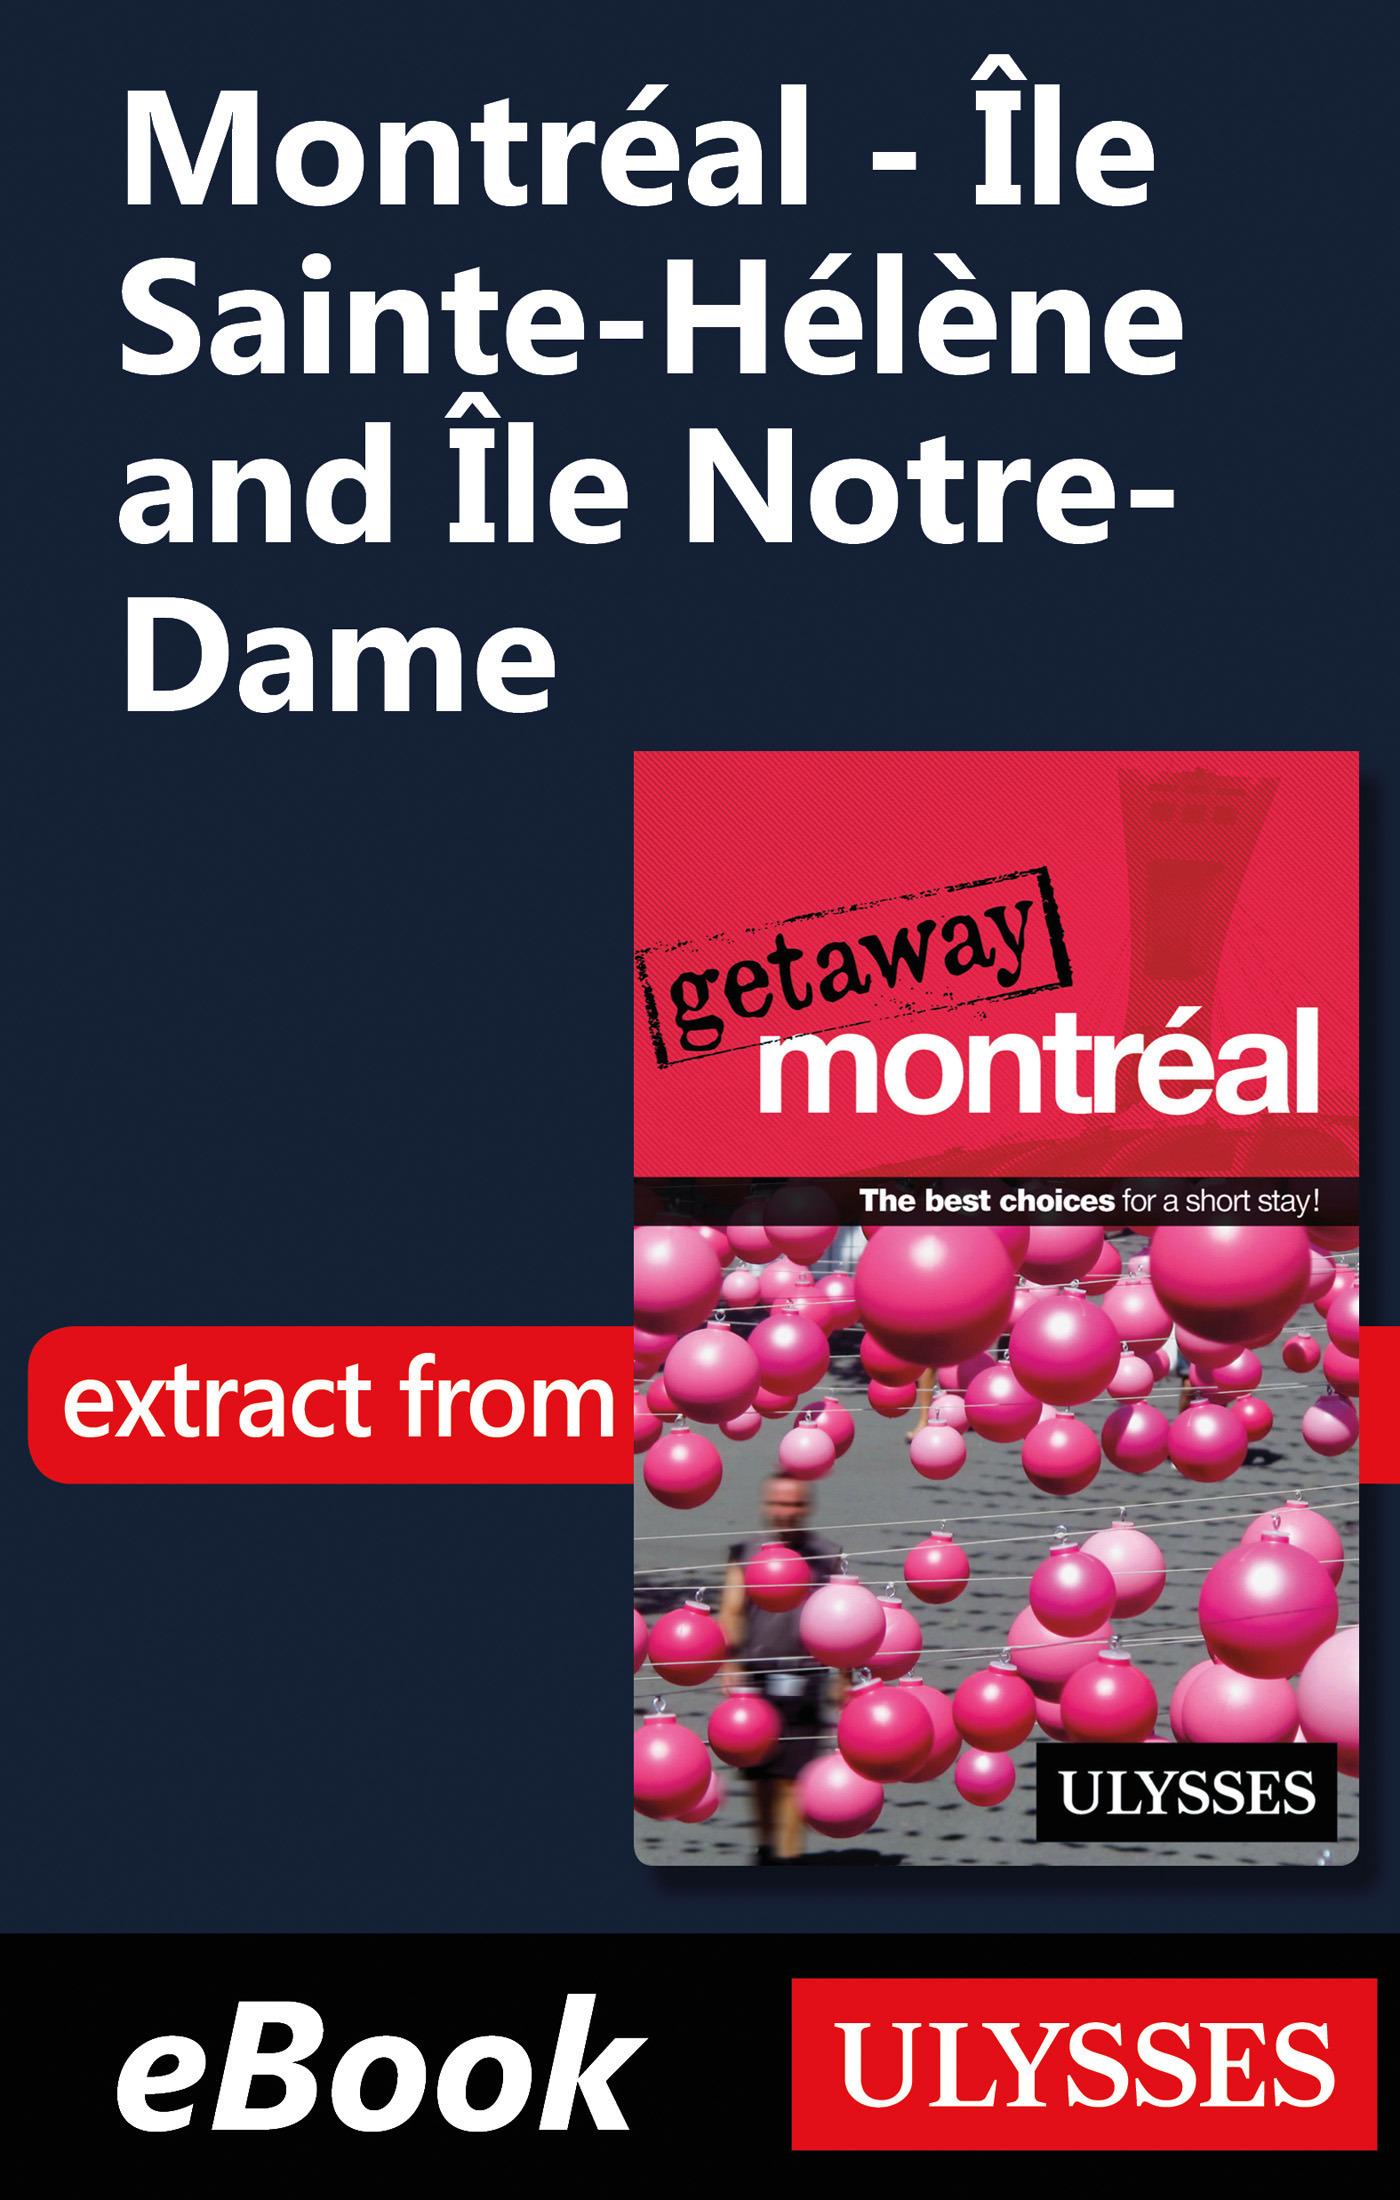 Montréal - Ile Sainte-Hélène and Ile Notre-Dame